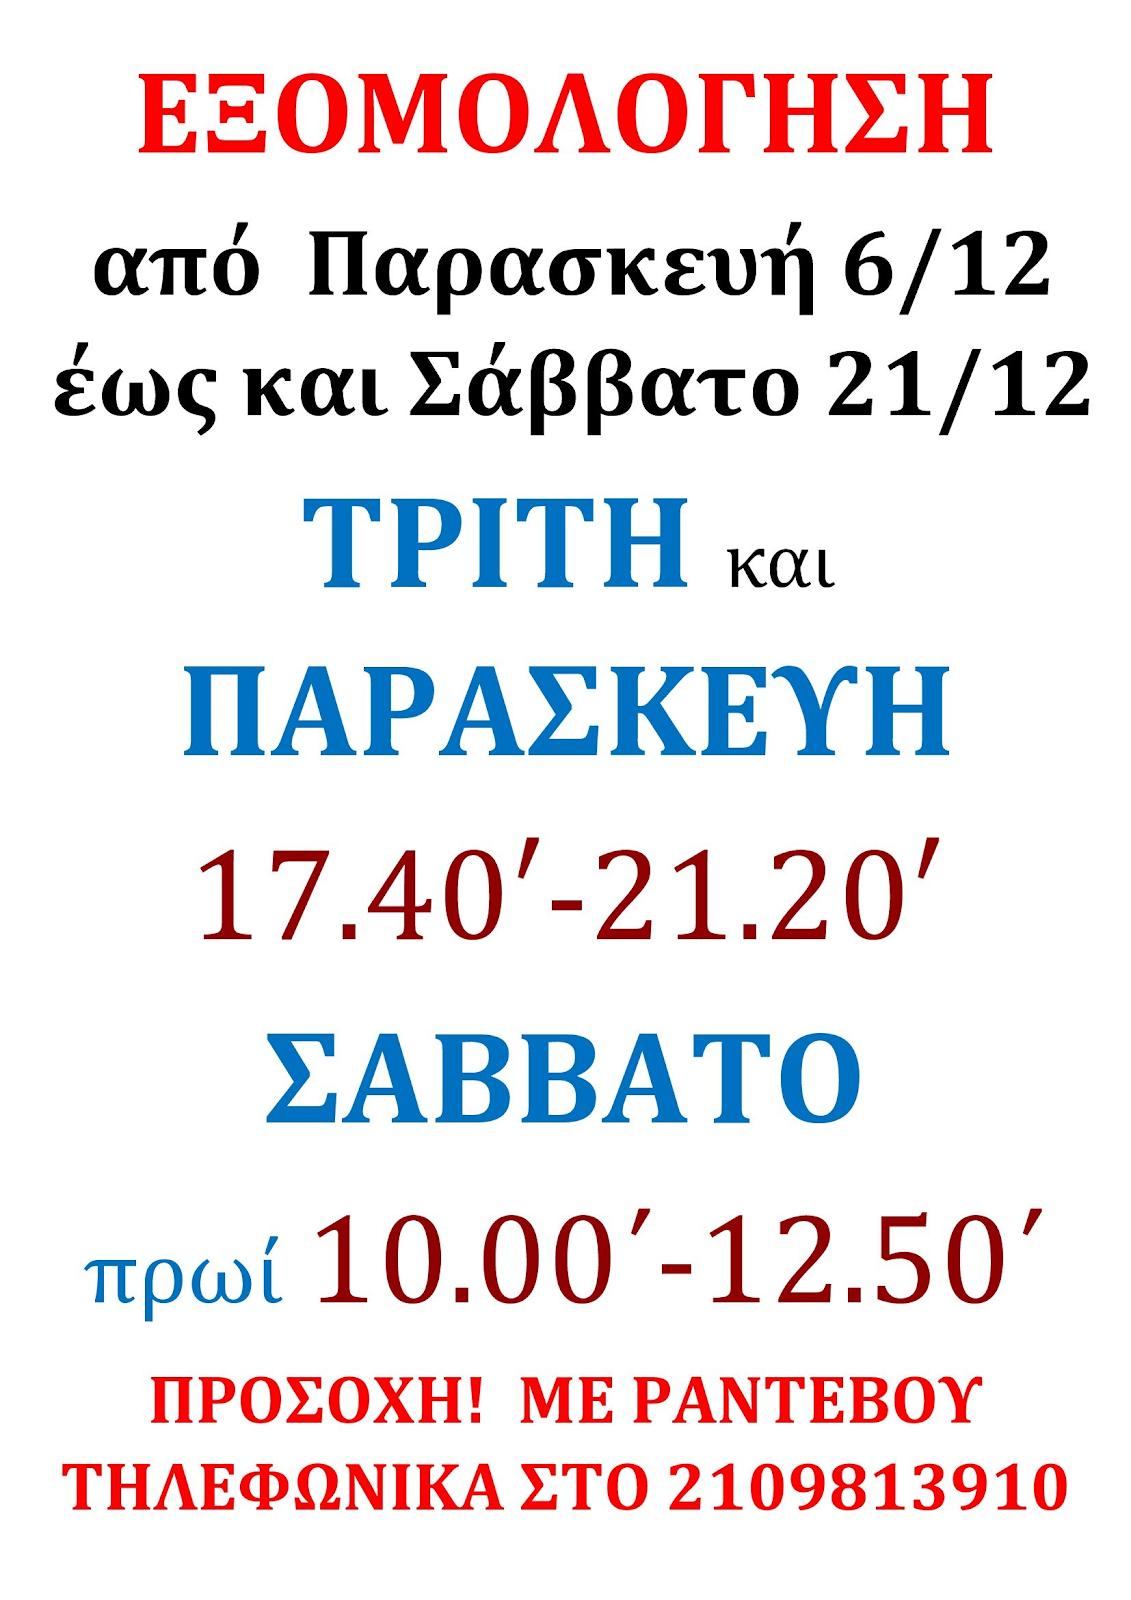 ΕΞΟΜΟΛΟΓΗΣΗ ΔΕΚΕΜΒΡΙΟΥ 2019